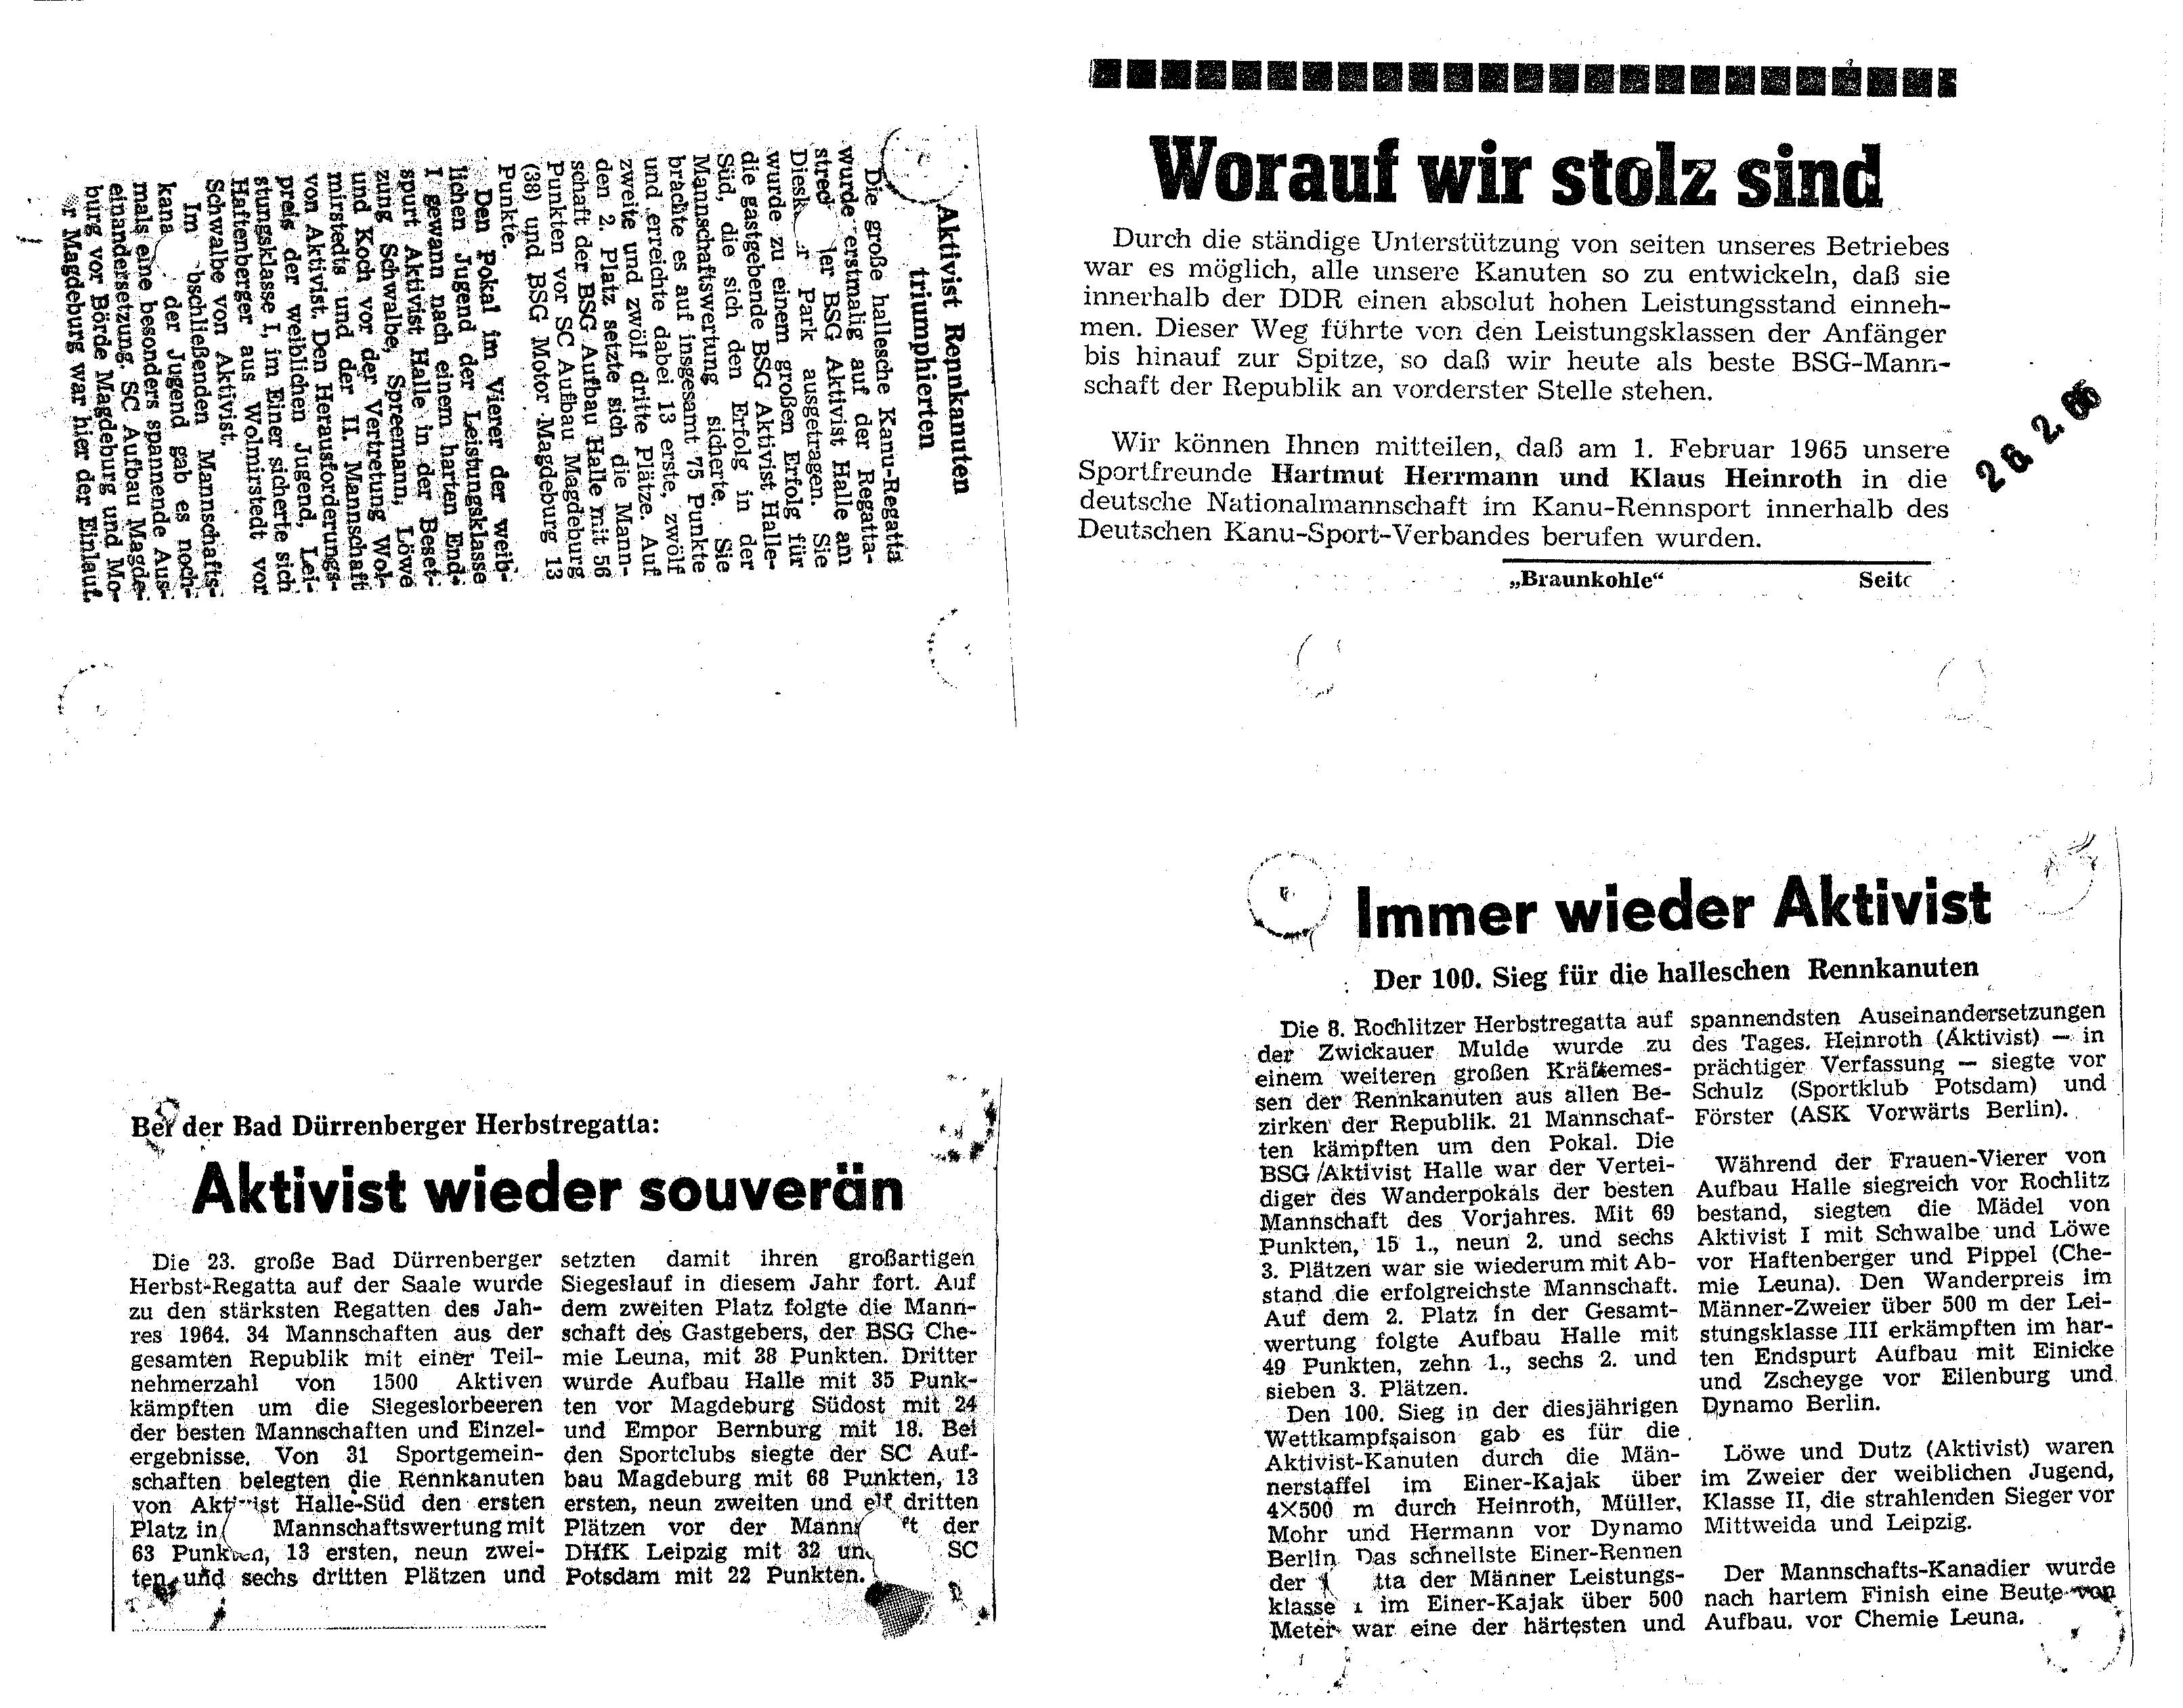 1965-02-26 Artikel Aktivist